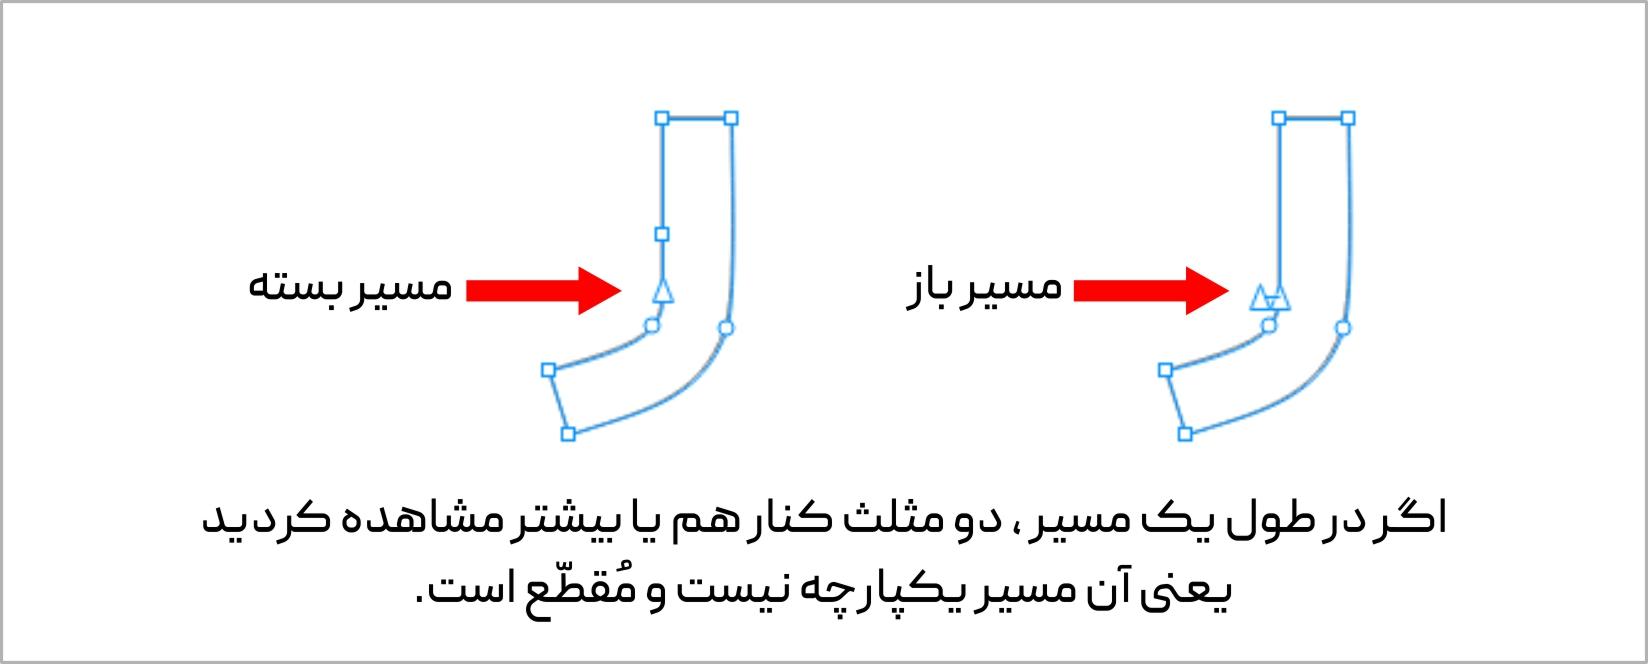 درهر مسیر رسم شده یکپارچه در کورل فقط یک جفت مثلث وجود داره ایران لیزرکات